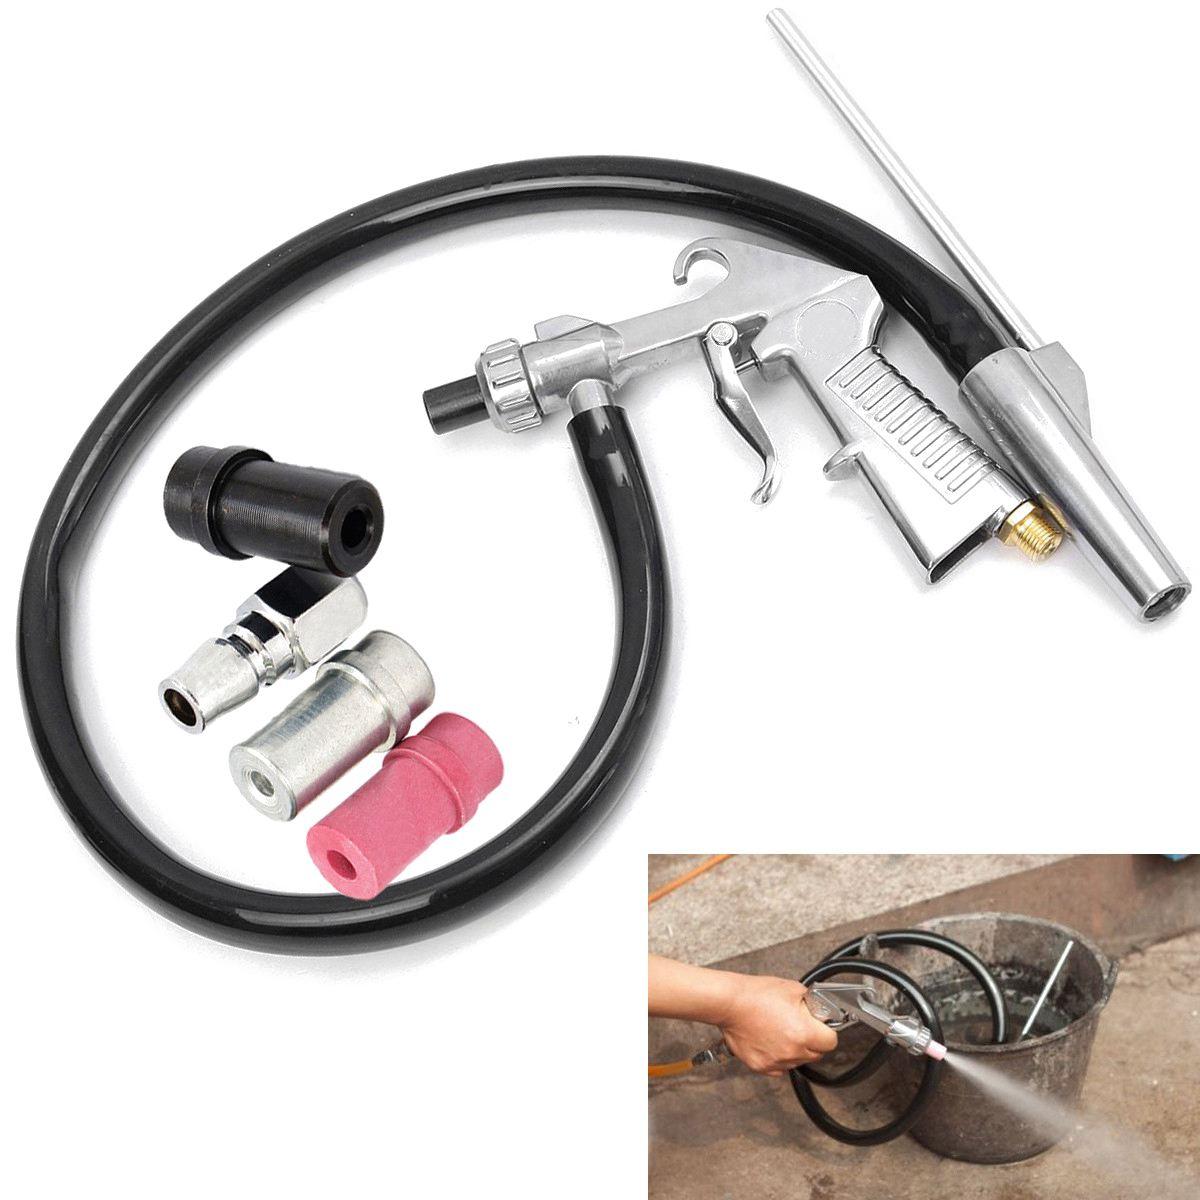 WISH-Air Sandblaster пескоструйная взрыв пистолет + насадки + разъем + трубка ржавчины Tool Kit ...